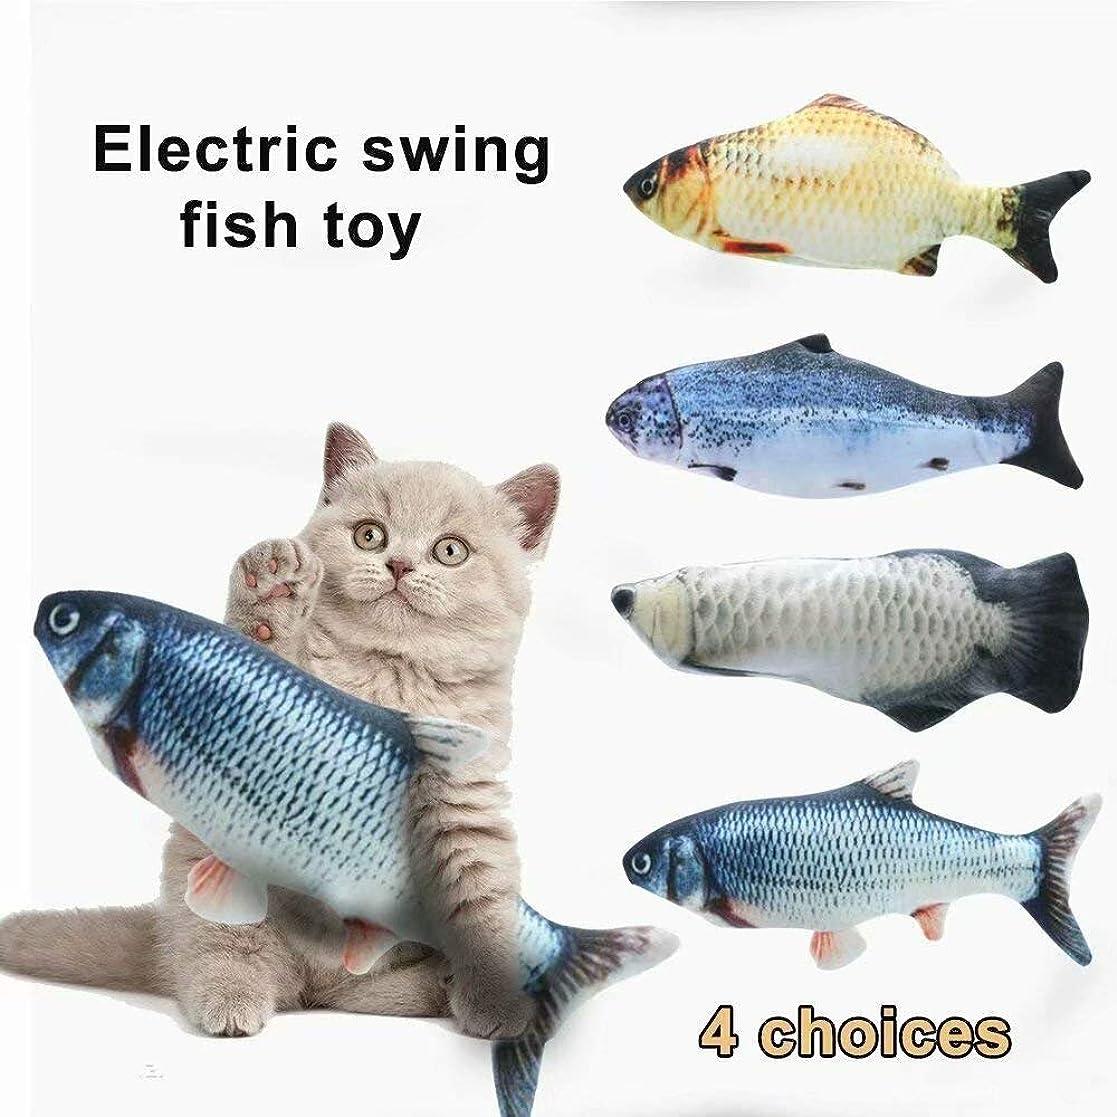 限り類似性次へheqian 電気猫ぬいぐるみ魚を振る現実的なぬいぐるみシミュレーション魚 Salmon